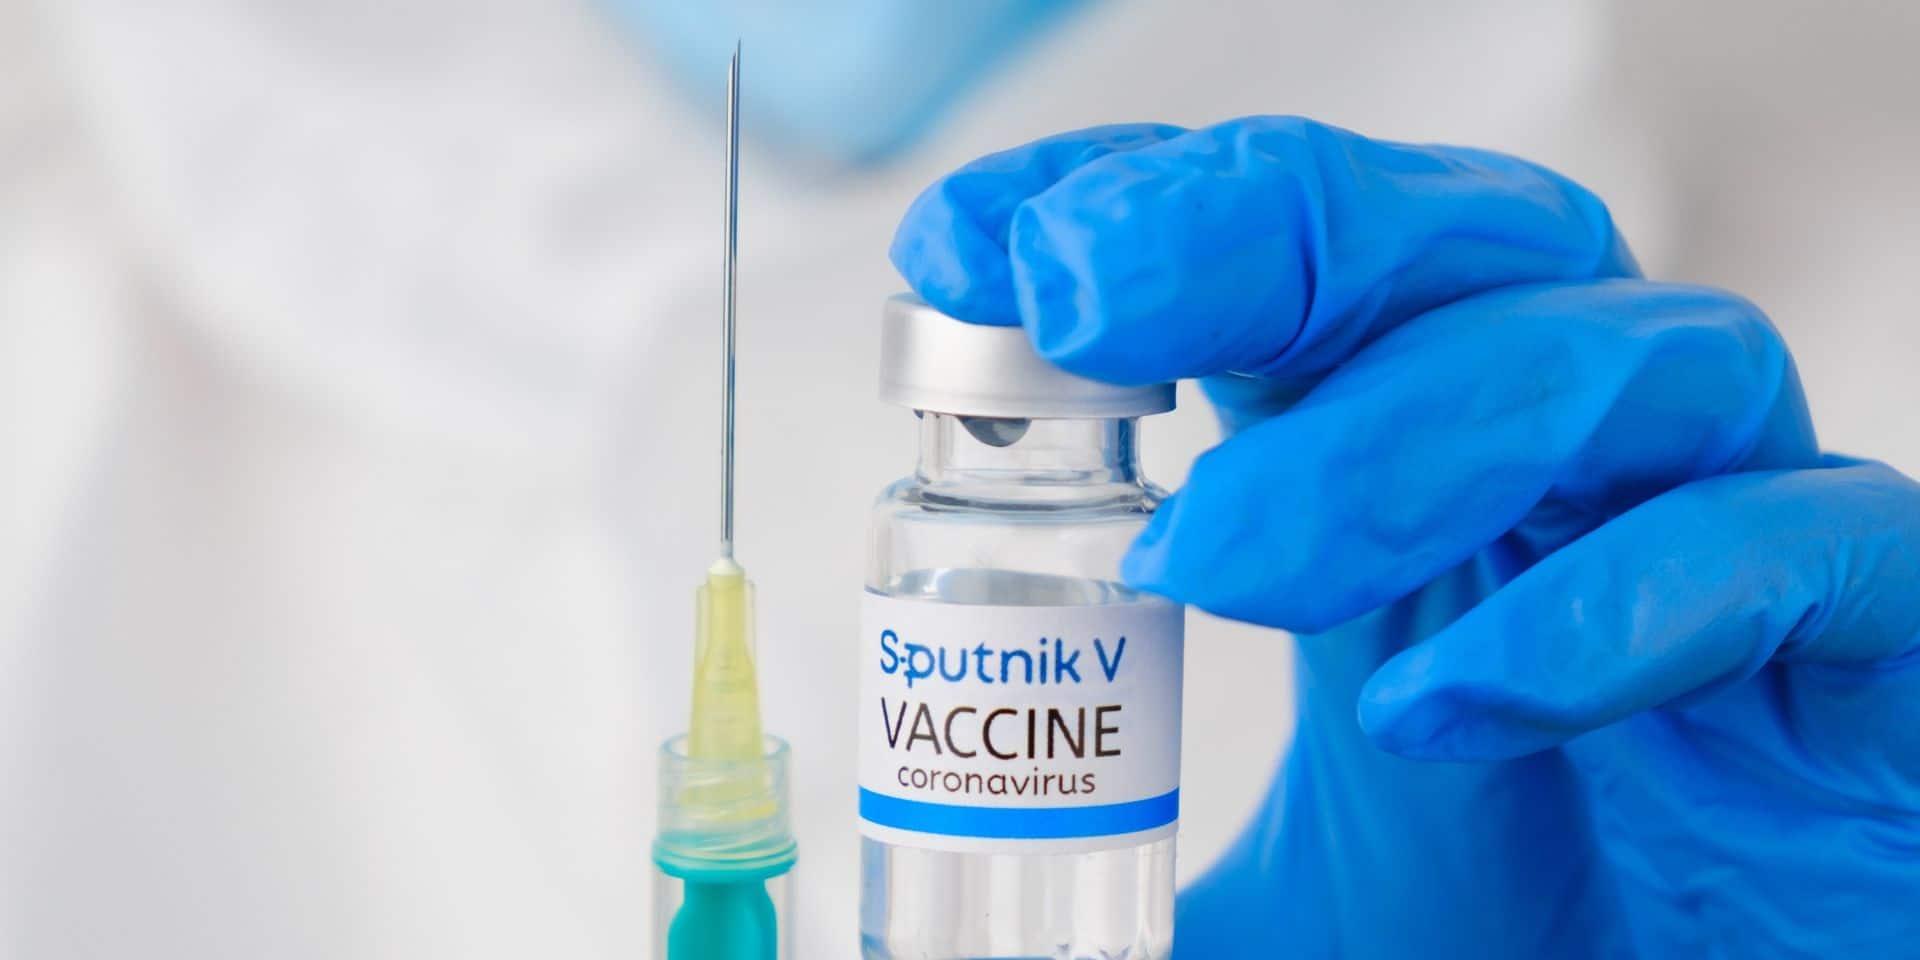 L'Allemagne envisage d'acheter 30 millions de doses du vaccin russe Spoutnik V